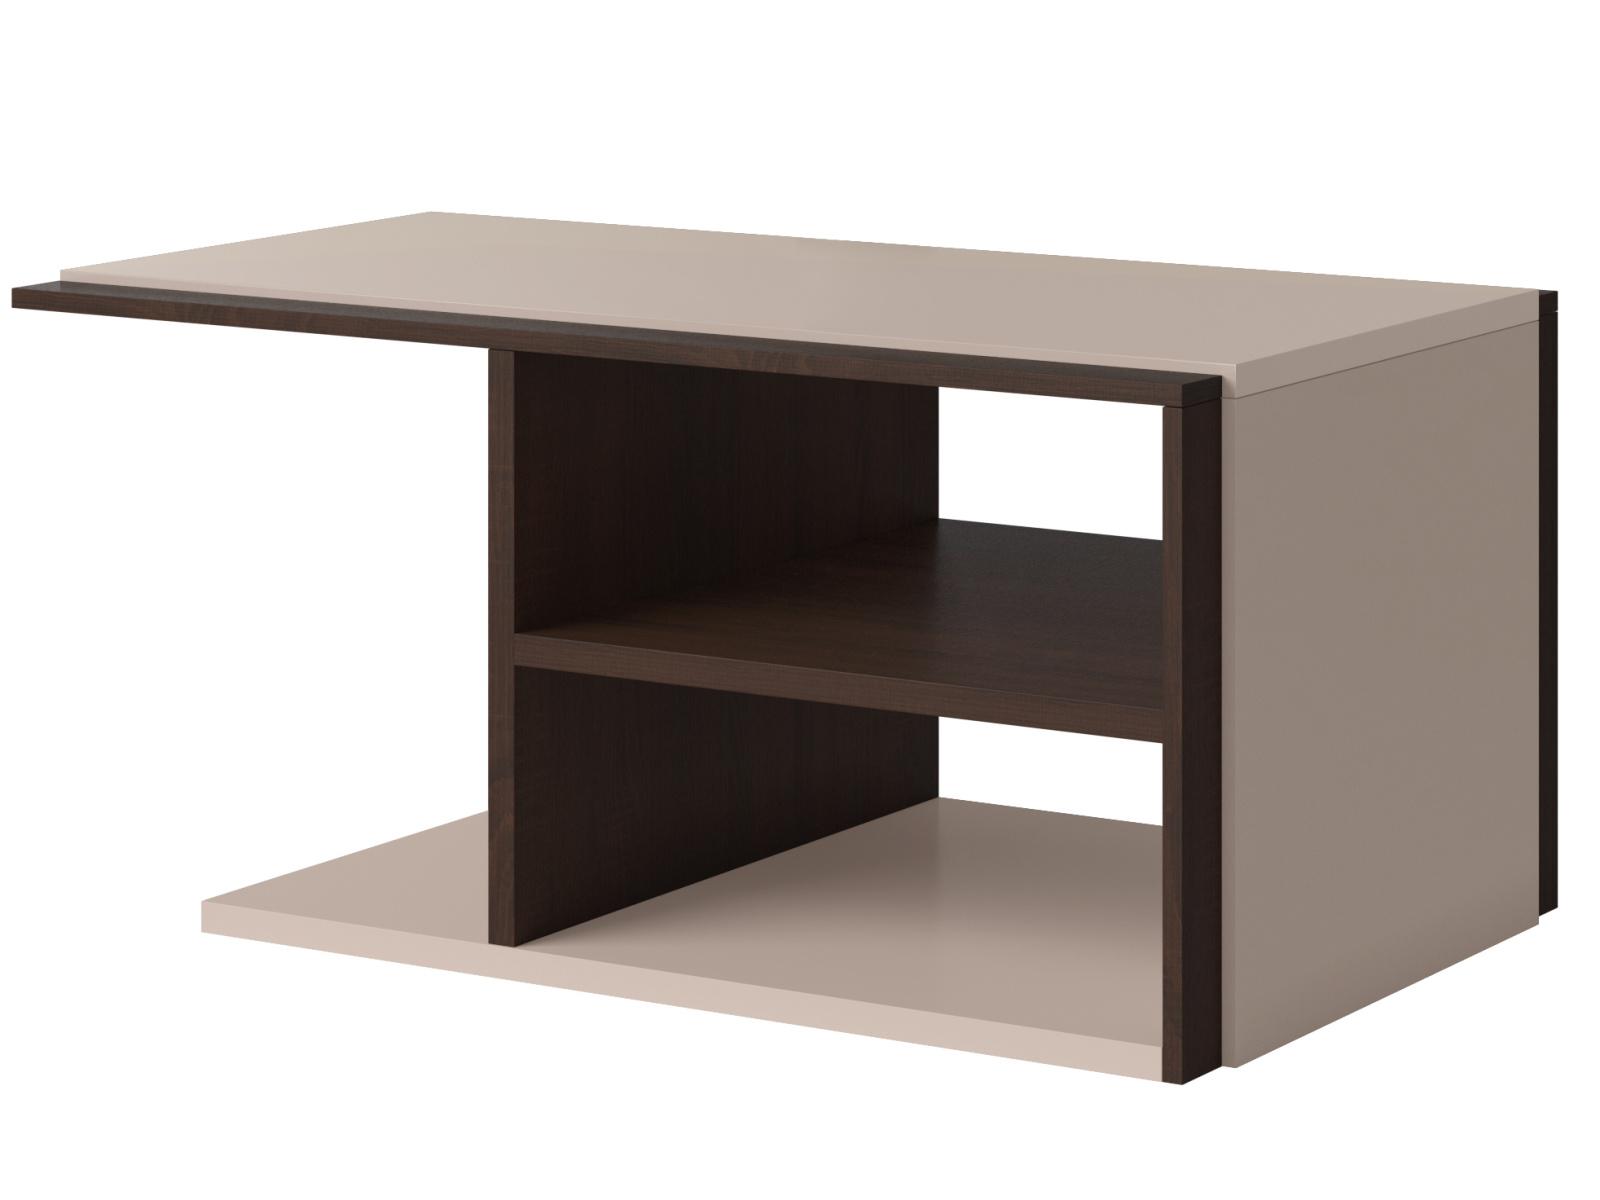 Smartshop MAGNUS konferenční stolek TYP 99, dub sonoma tmavý/pískově šedý lesk